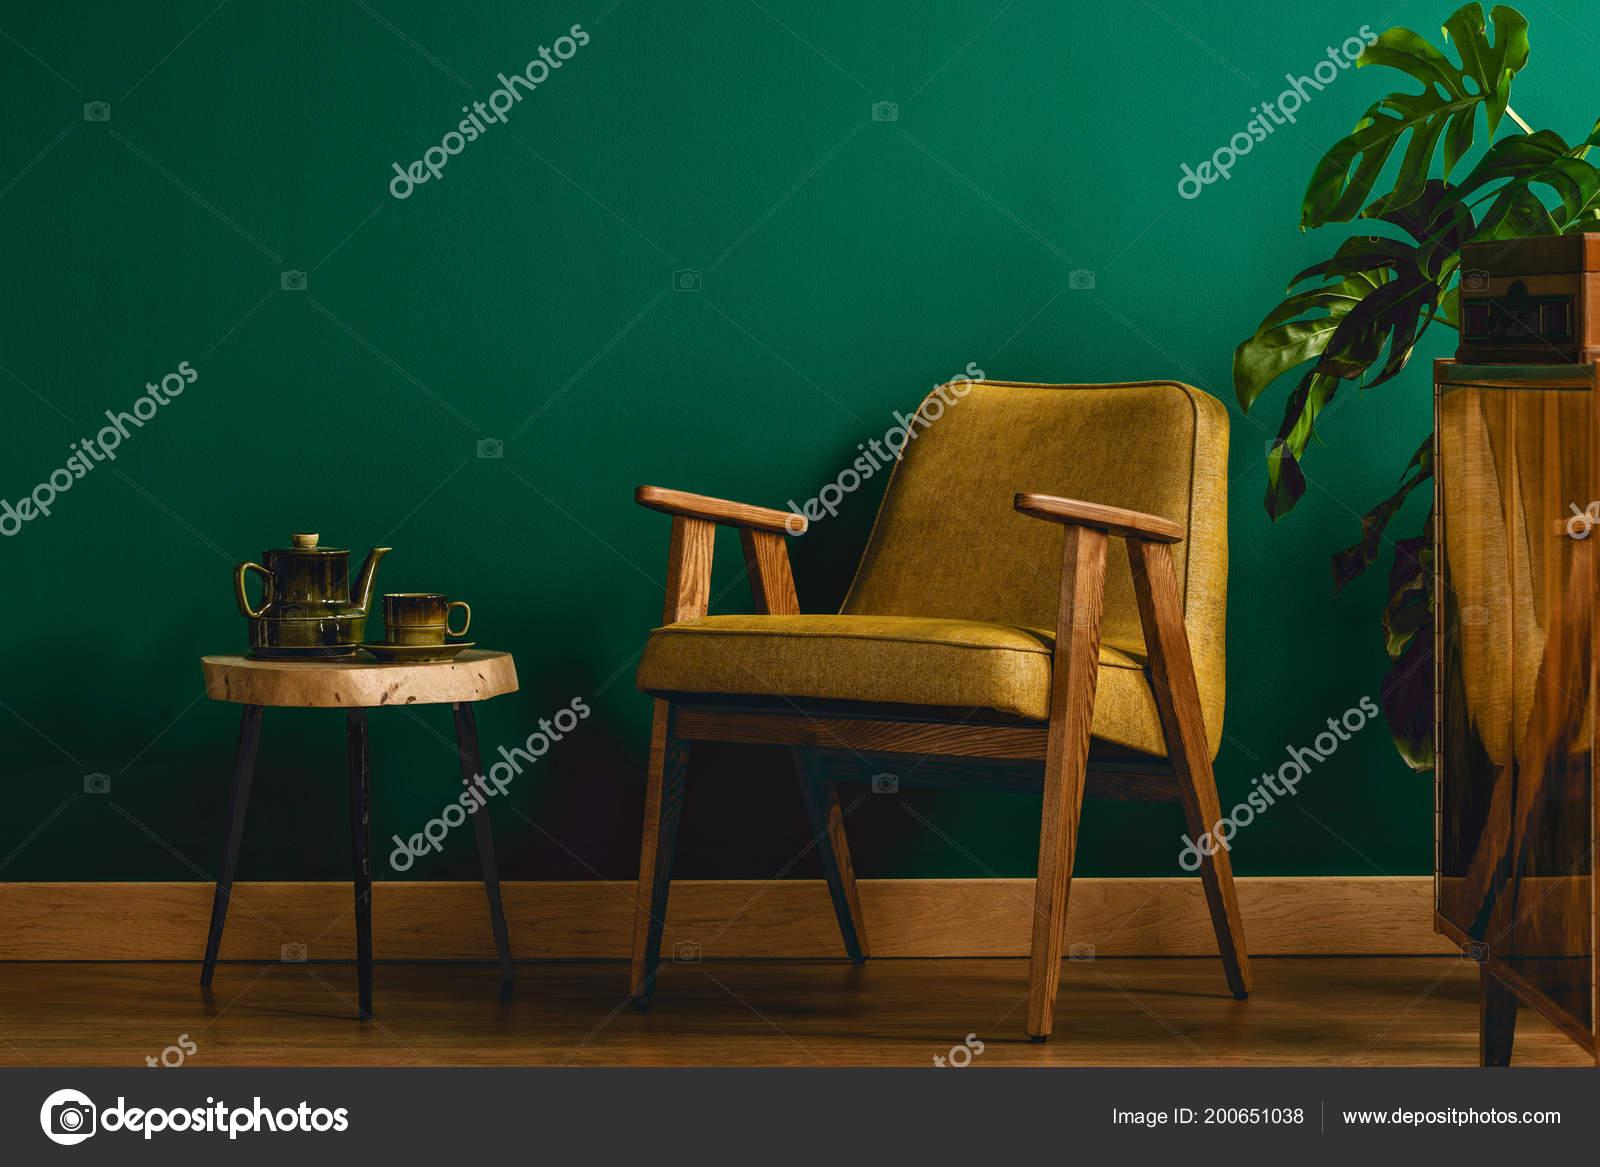 Sedia gialla interno stanza dell annata con parete verde sgabello